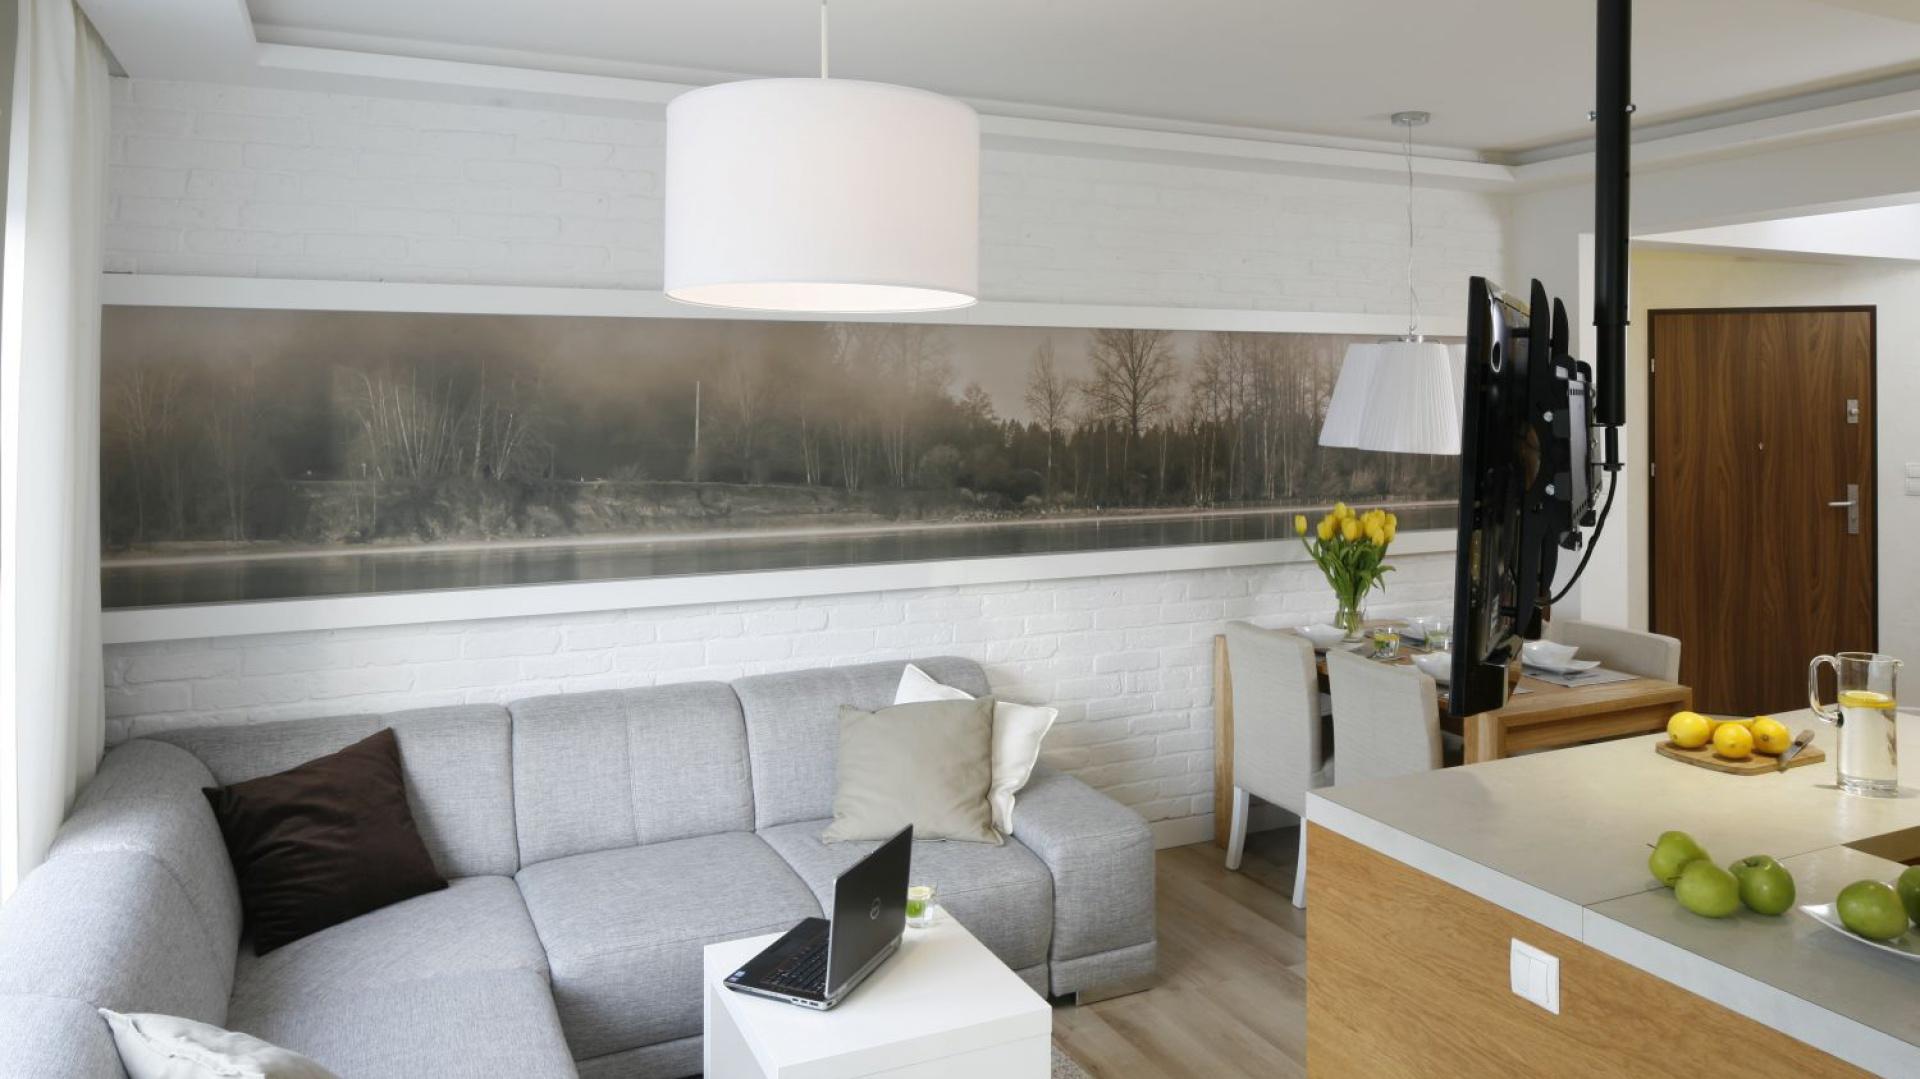 W otwartej strefie dziennej niedużą przestrzeń zdobi wykonany w sepii pejzaż. Pięknie prezentuje się on na ścianie wyłożonej białą cegłą. Projekt: Małgorzata Mazur. Fot. Bartosz Jarosz.